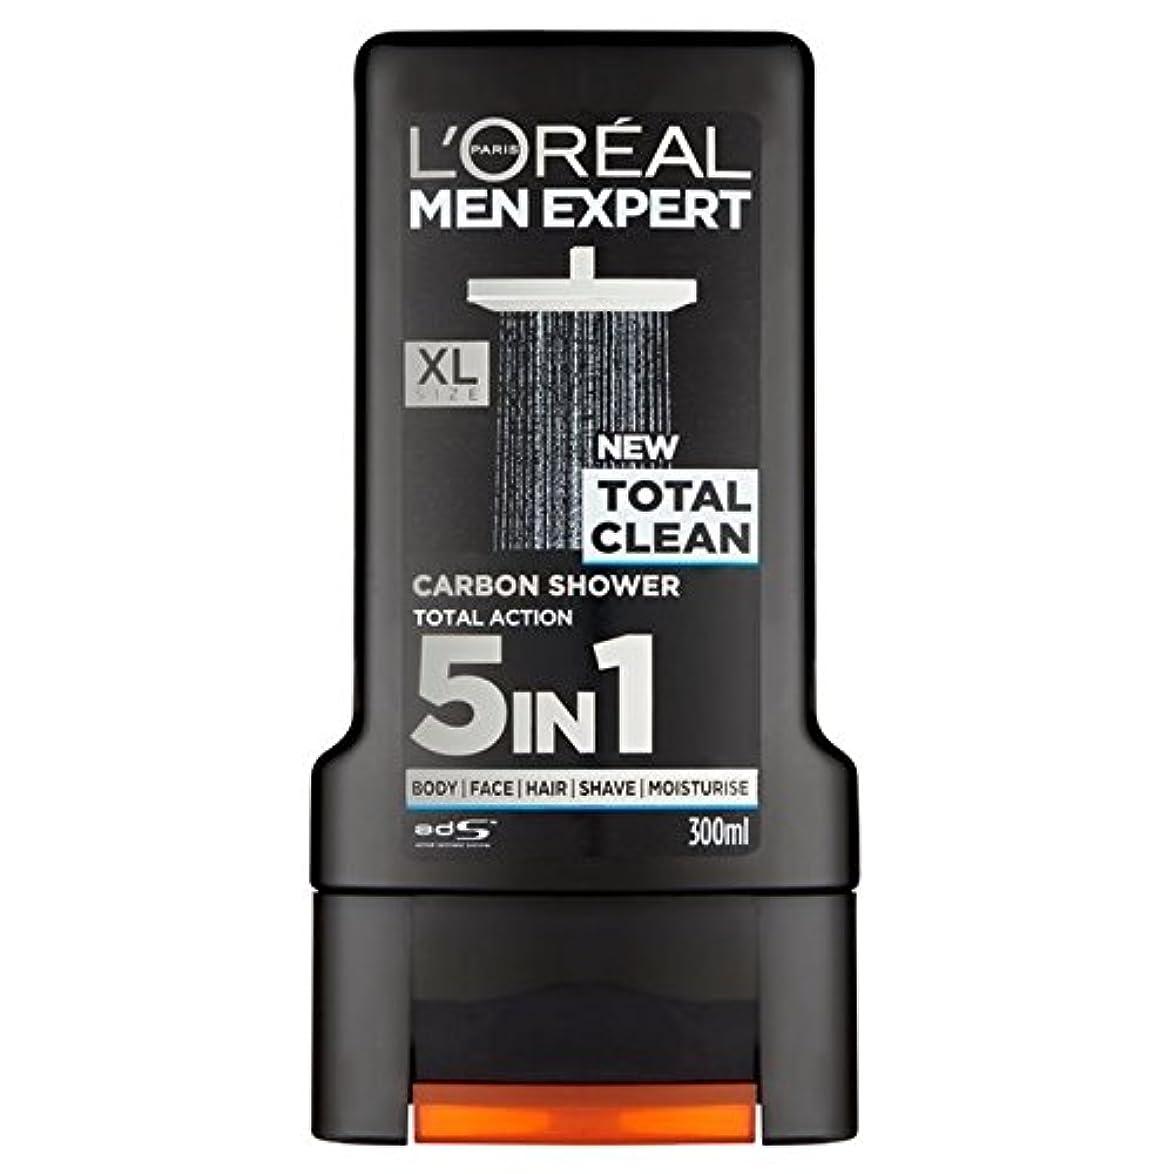 その他シャーク焦がすL'Oreal Paris Men Expert Total Clean Shower Gel 300ml - ロレアルパリのメンズ専門トータルクリーンシャワージェル300ミリリットル [並行輸入品]